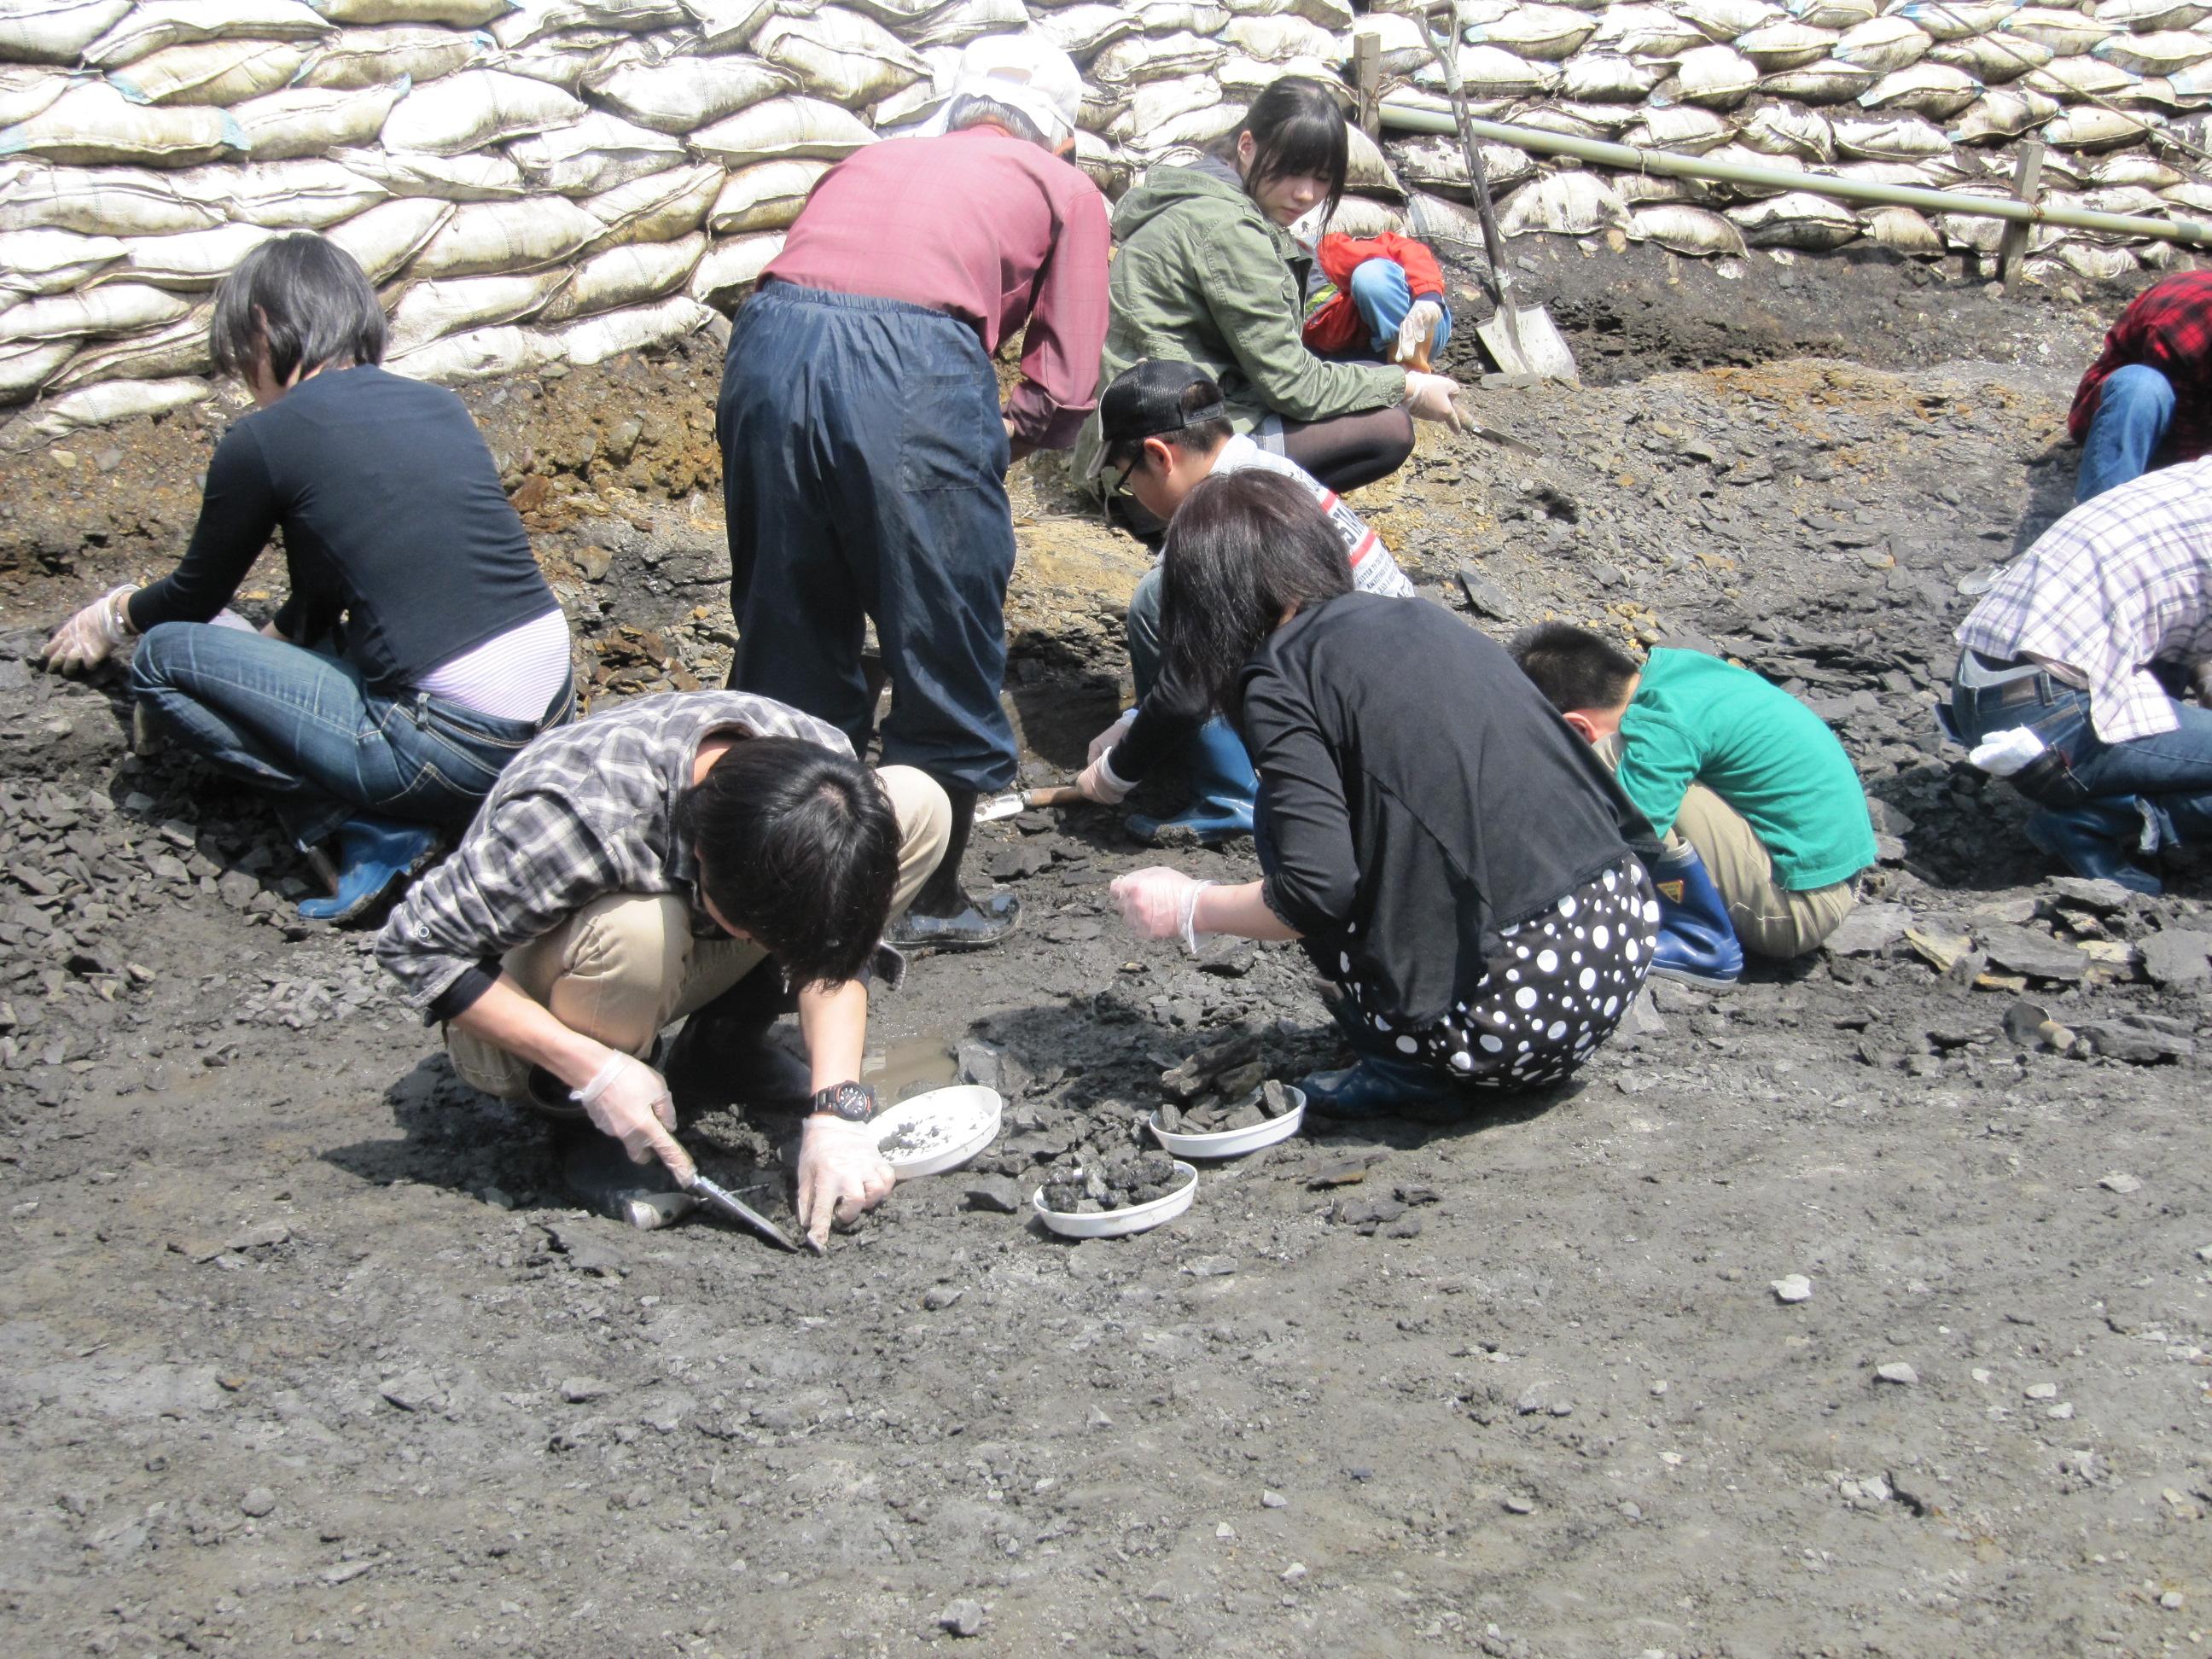 【岩手・久慈・自然体験】8000万年前の地層を掘ろう!白亜紀にロマンを感じる琥珀採掘体験